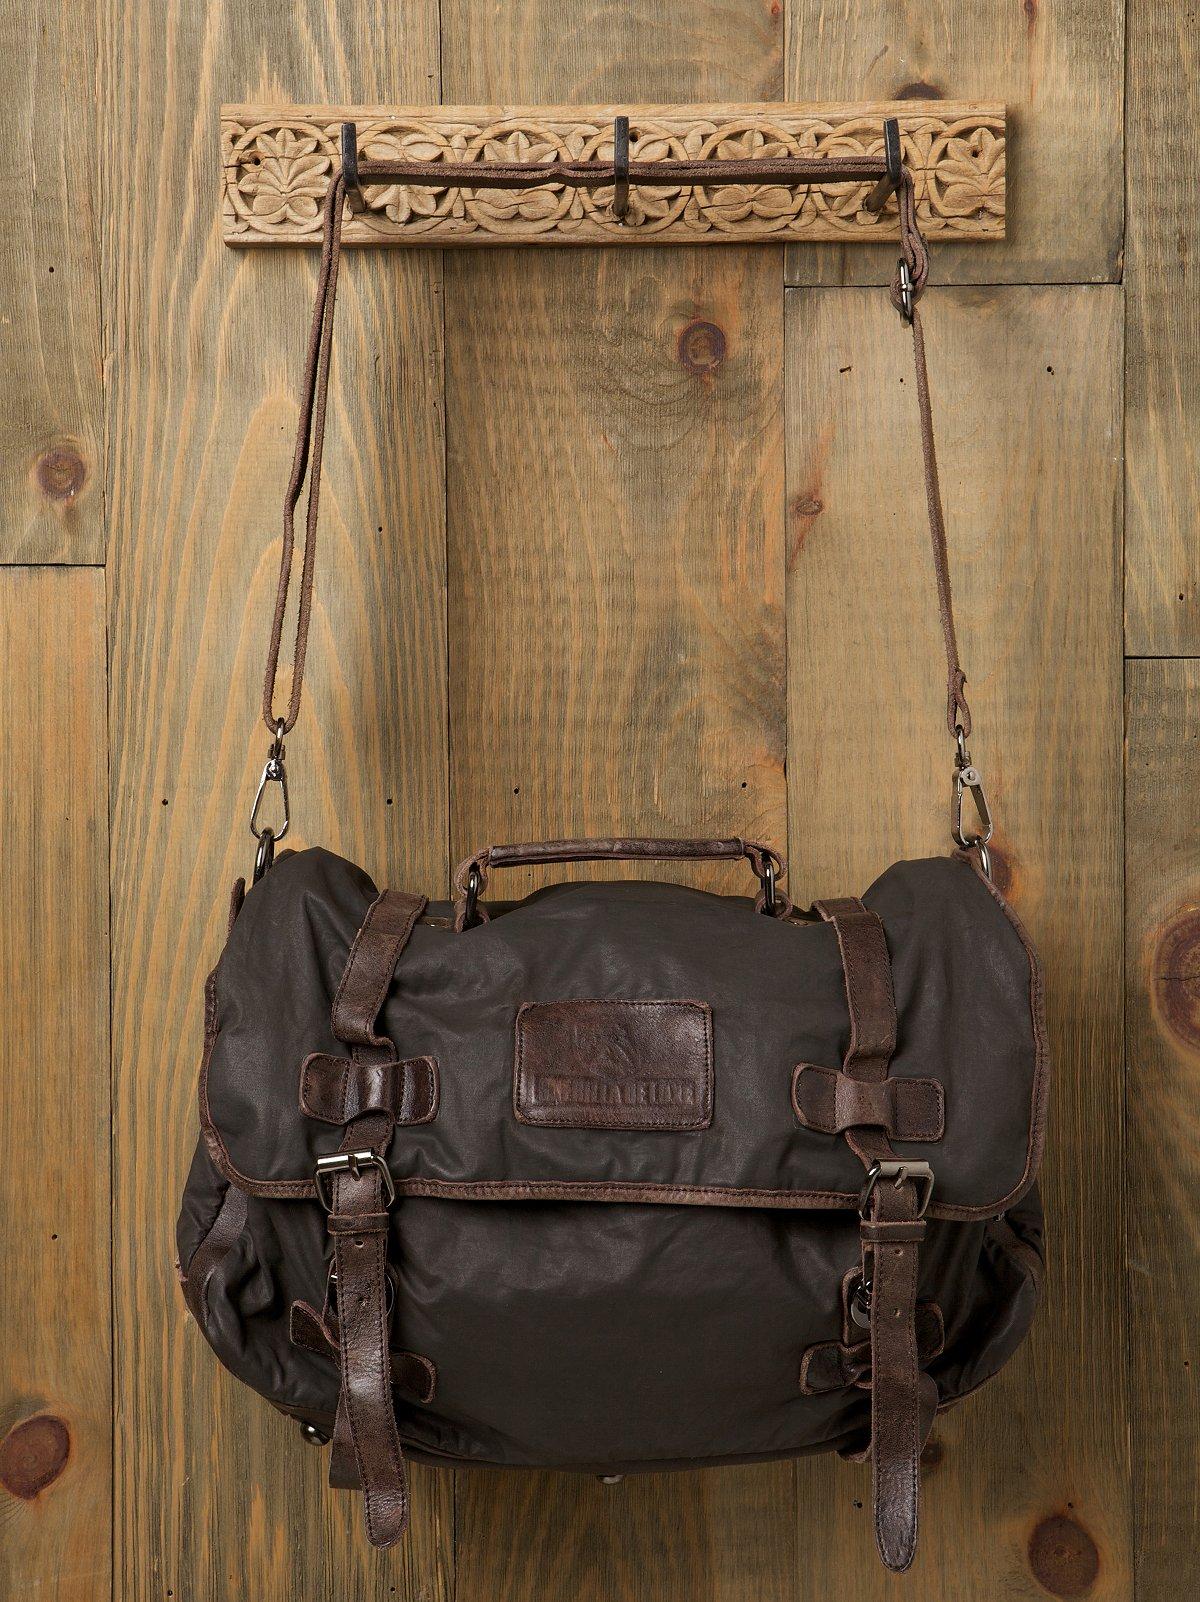 Washed Leather Canvas Messenger Bag